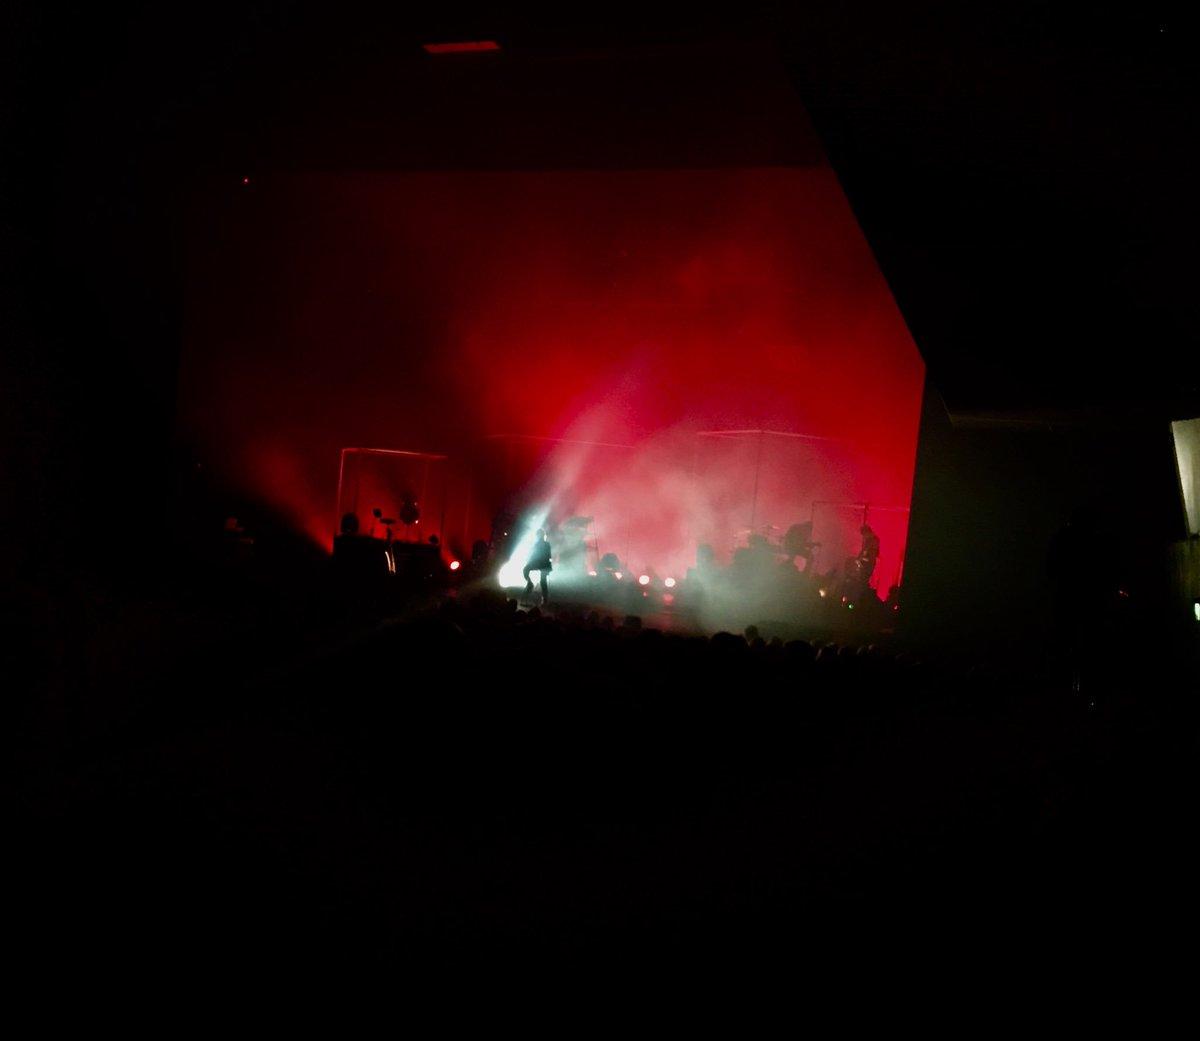 RT @Tom_Demaison: Quel bonheur d'entrer pour une minute dans l'univers de @ChristopheOff . moment suspendu à #Pleyel. #concert #musique #ch…